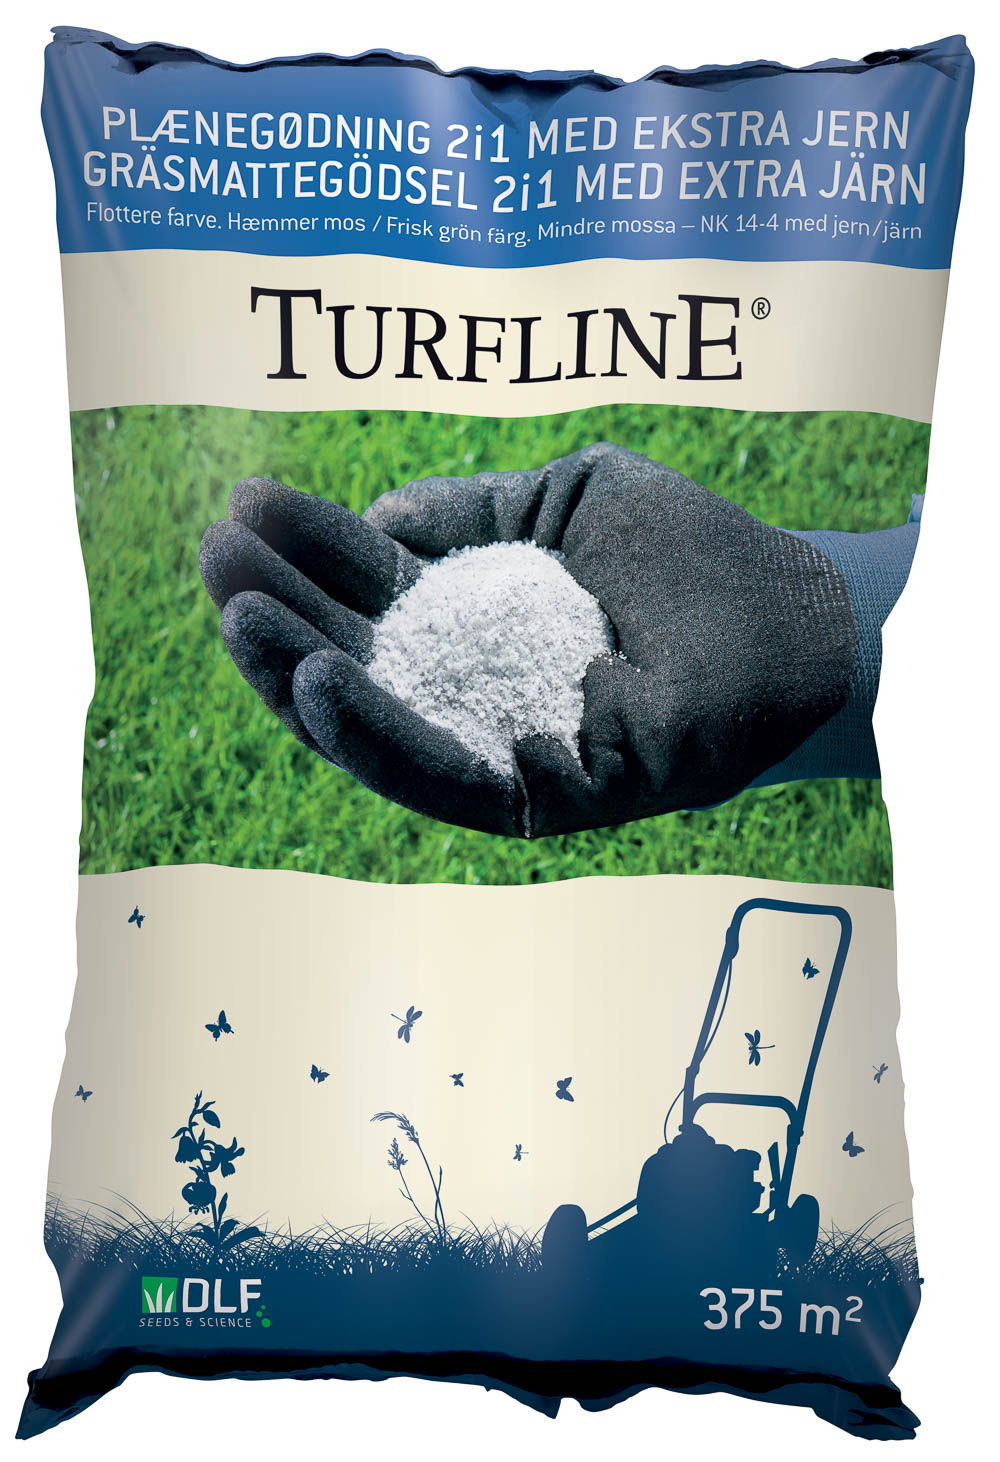 Turfline Plænegødning 2i1 med ekstra jern, 7,5 kg. - NK 12-5